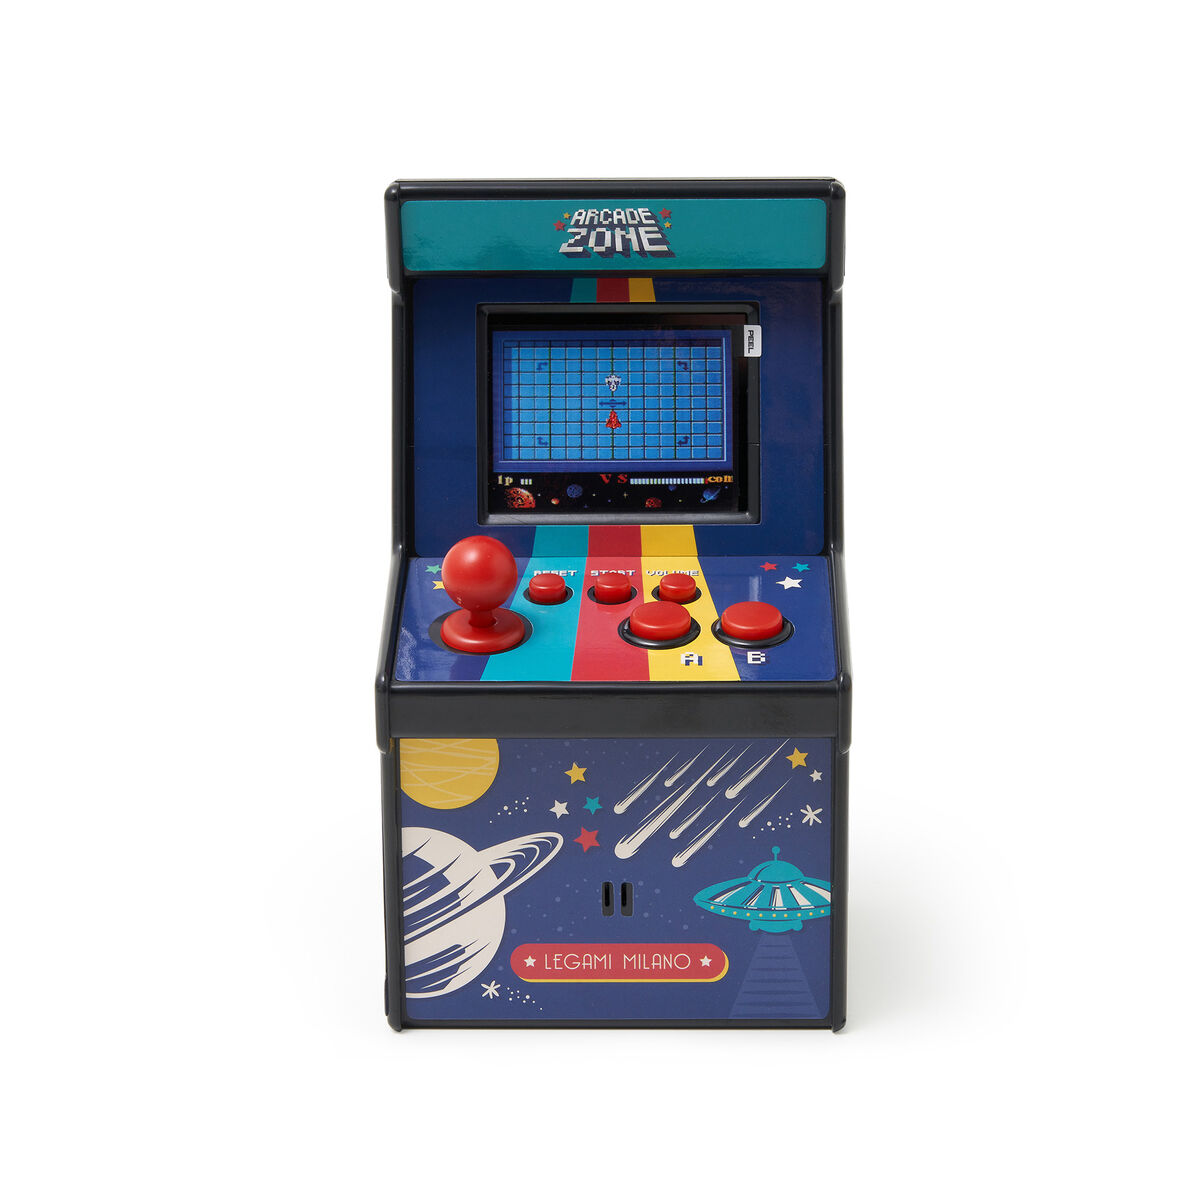 Arcade Zone - Mini Videogioco Arcade, , zoo